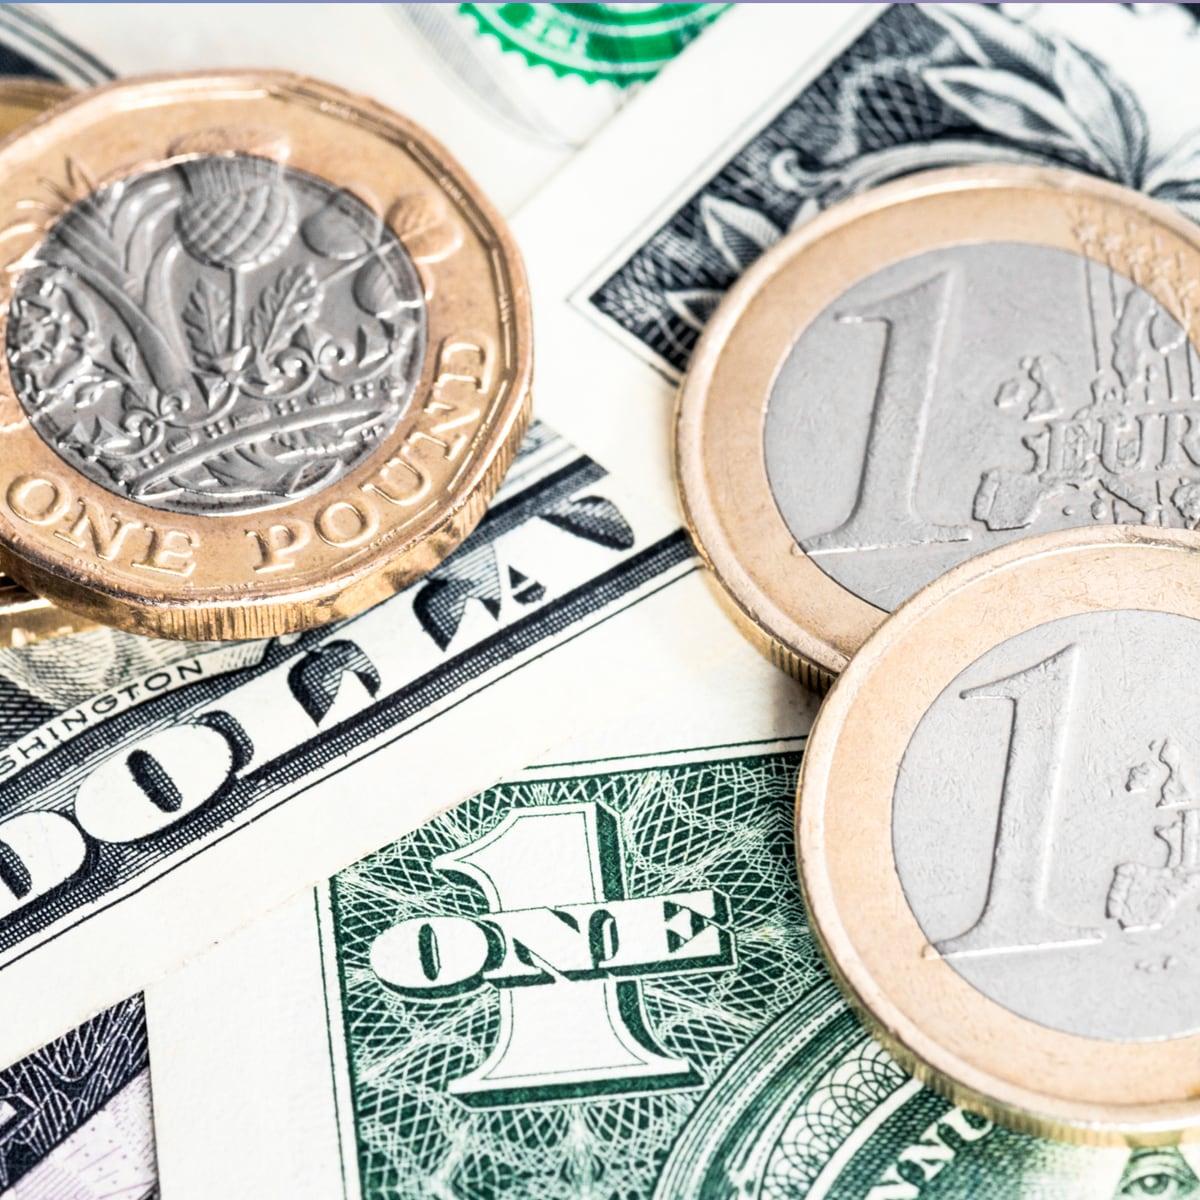 Dollaro destinato a nuovi rialzi?